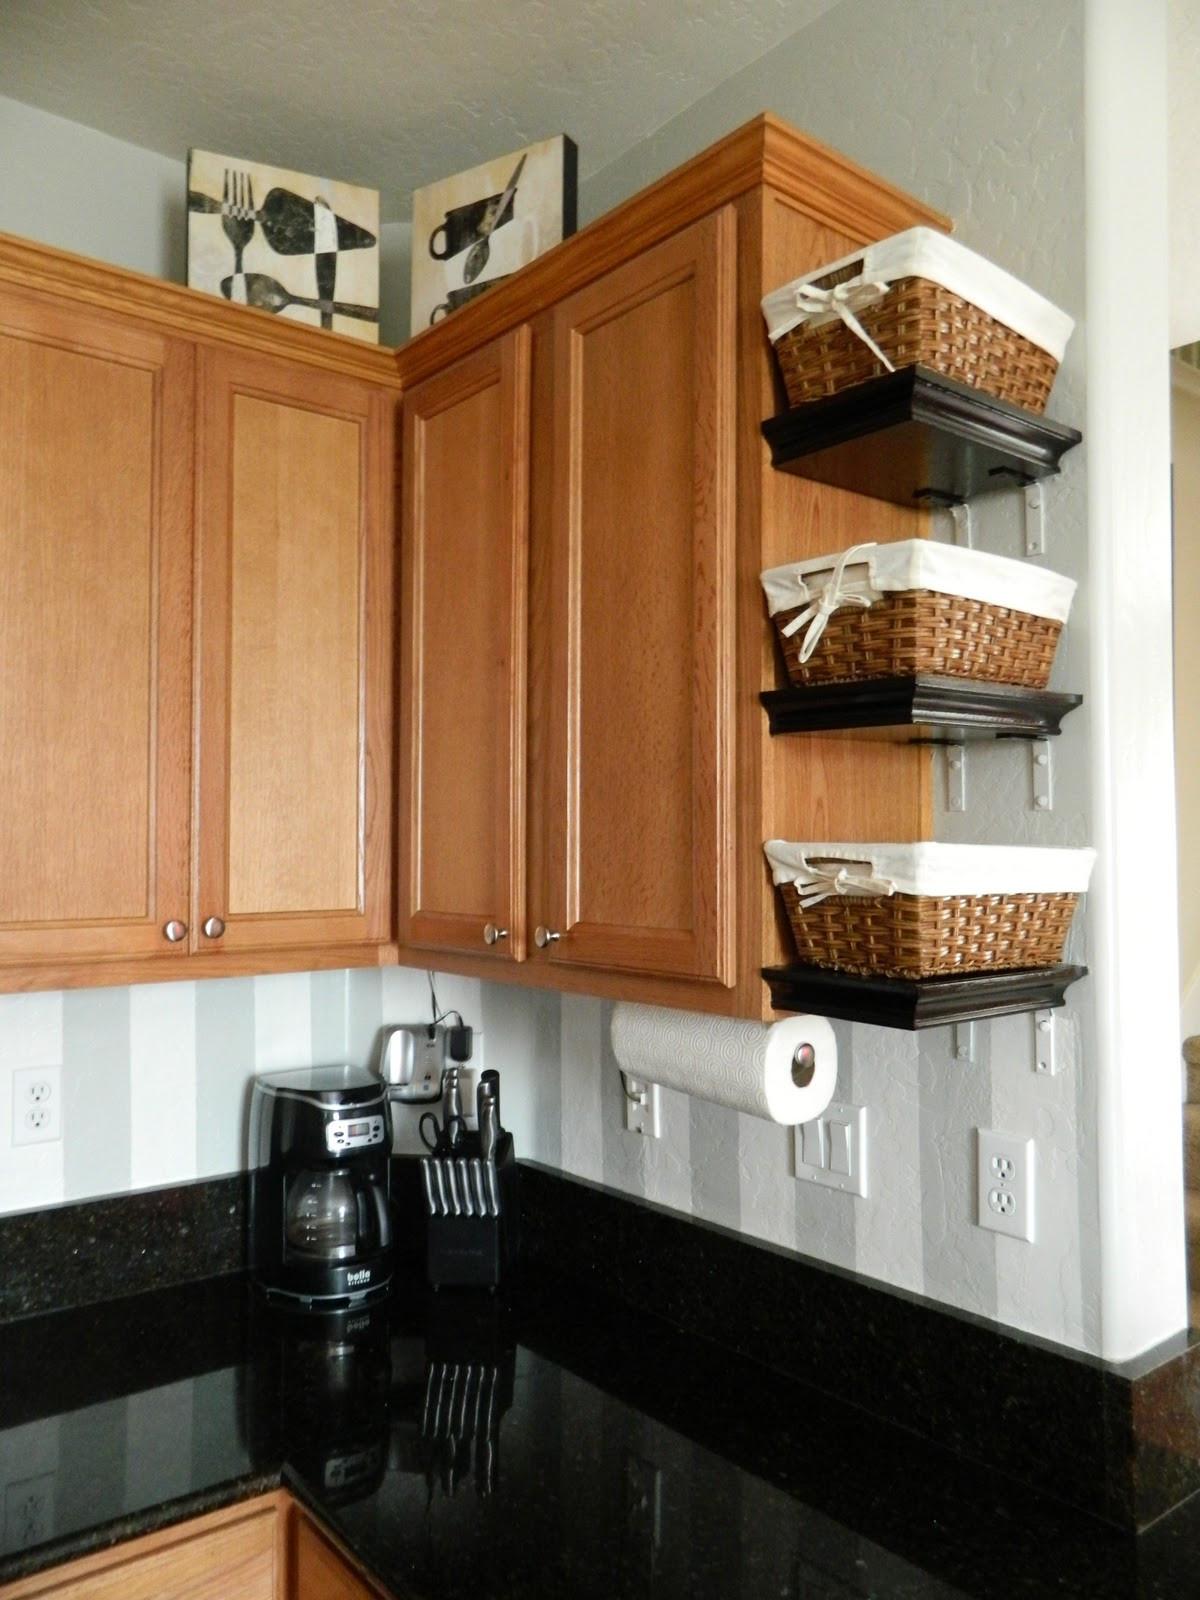 مطبخ مرتب ومنظم 9